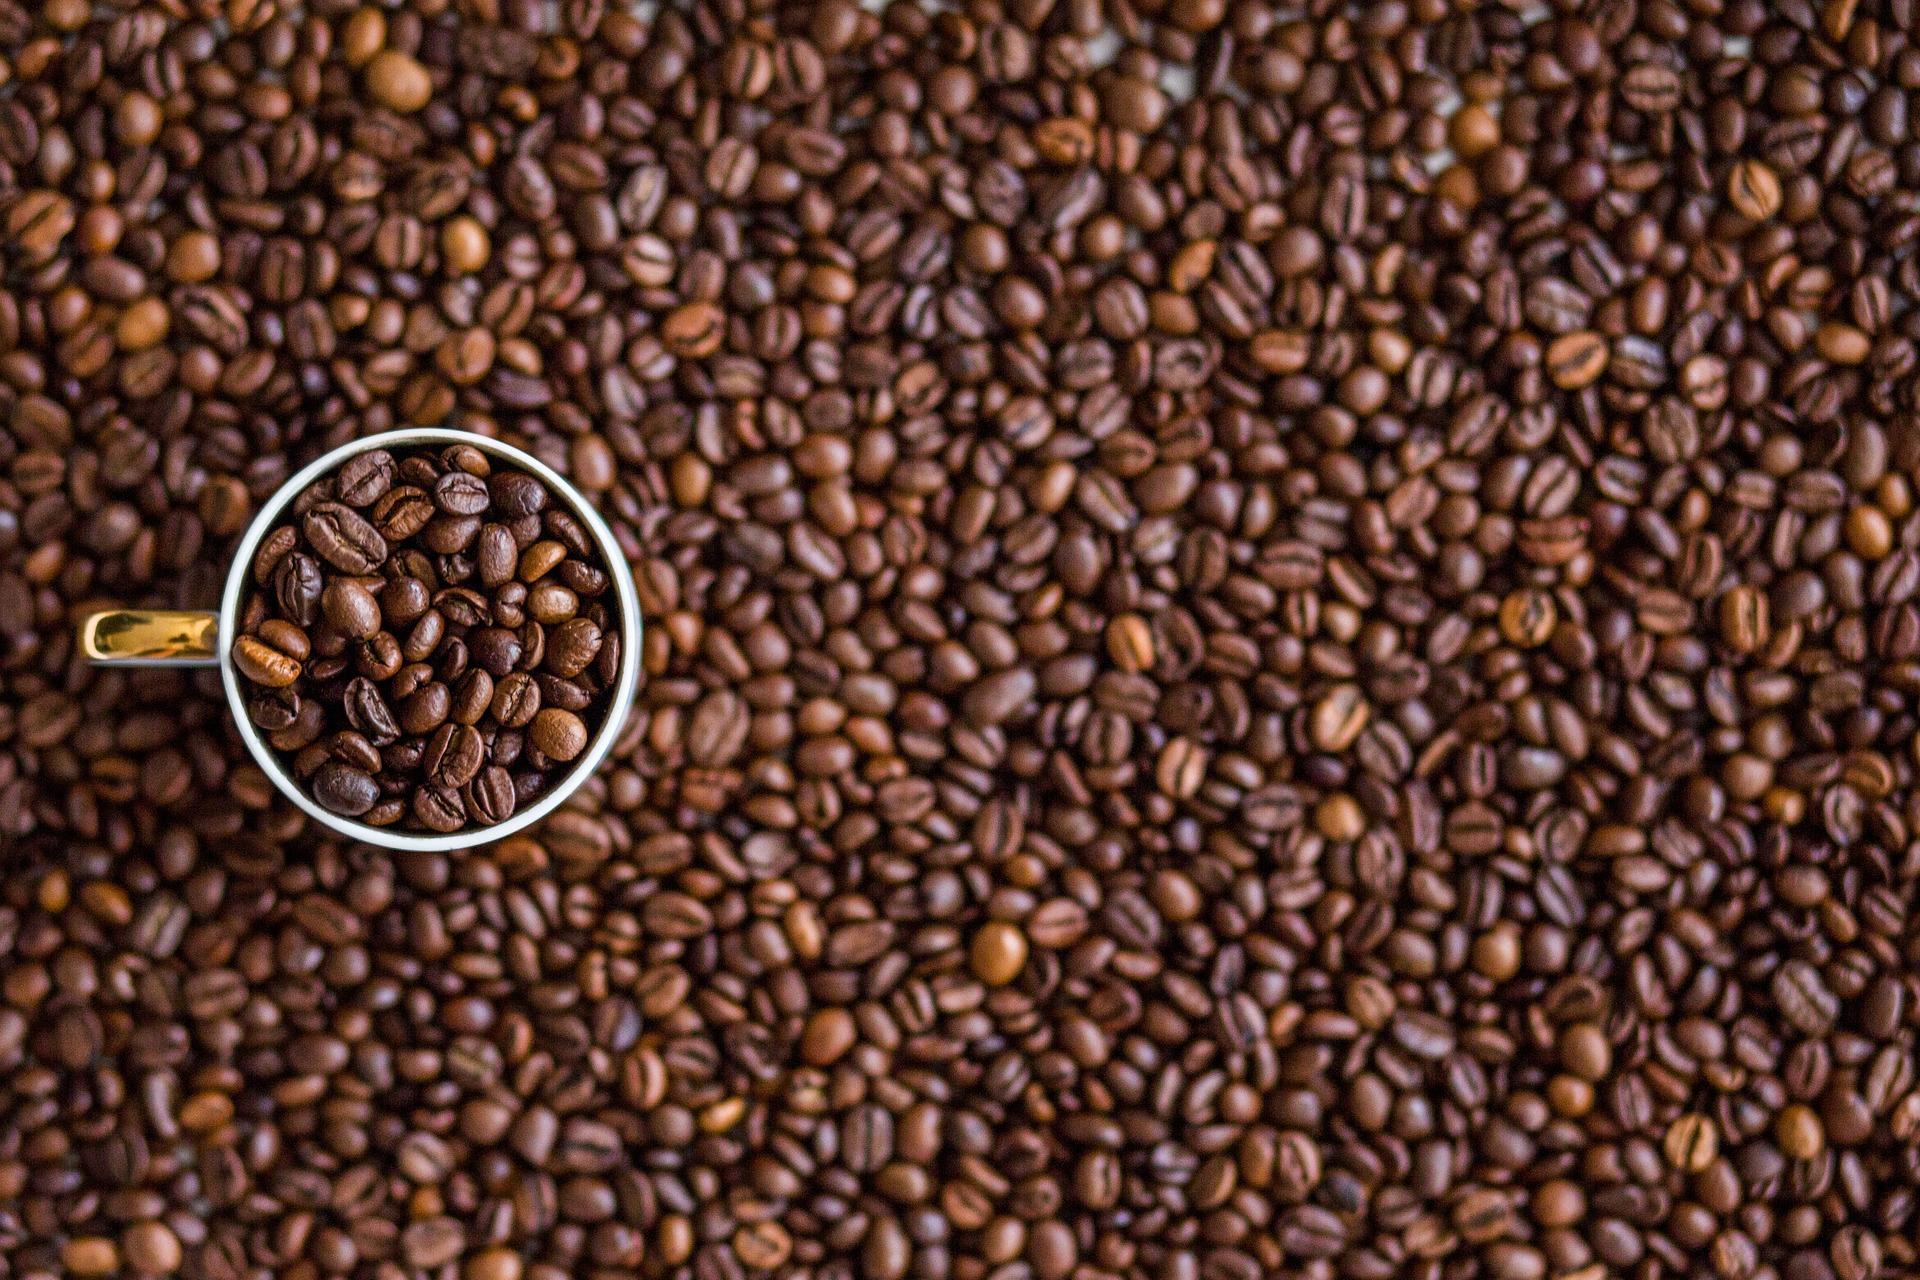 Bere troppo caffè può nuocere alla salute. E, se sul posto di lavoro, può essere reato.